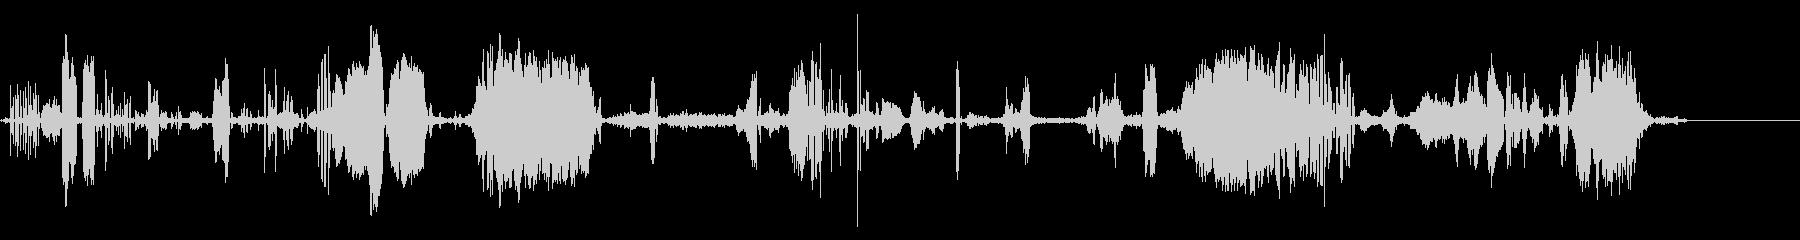 さまざまなハゲタカの未再生の波形